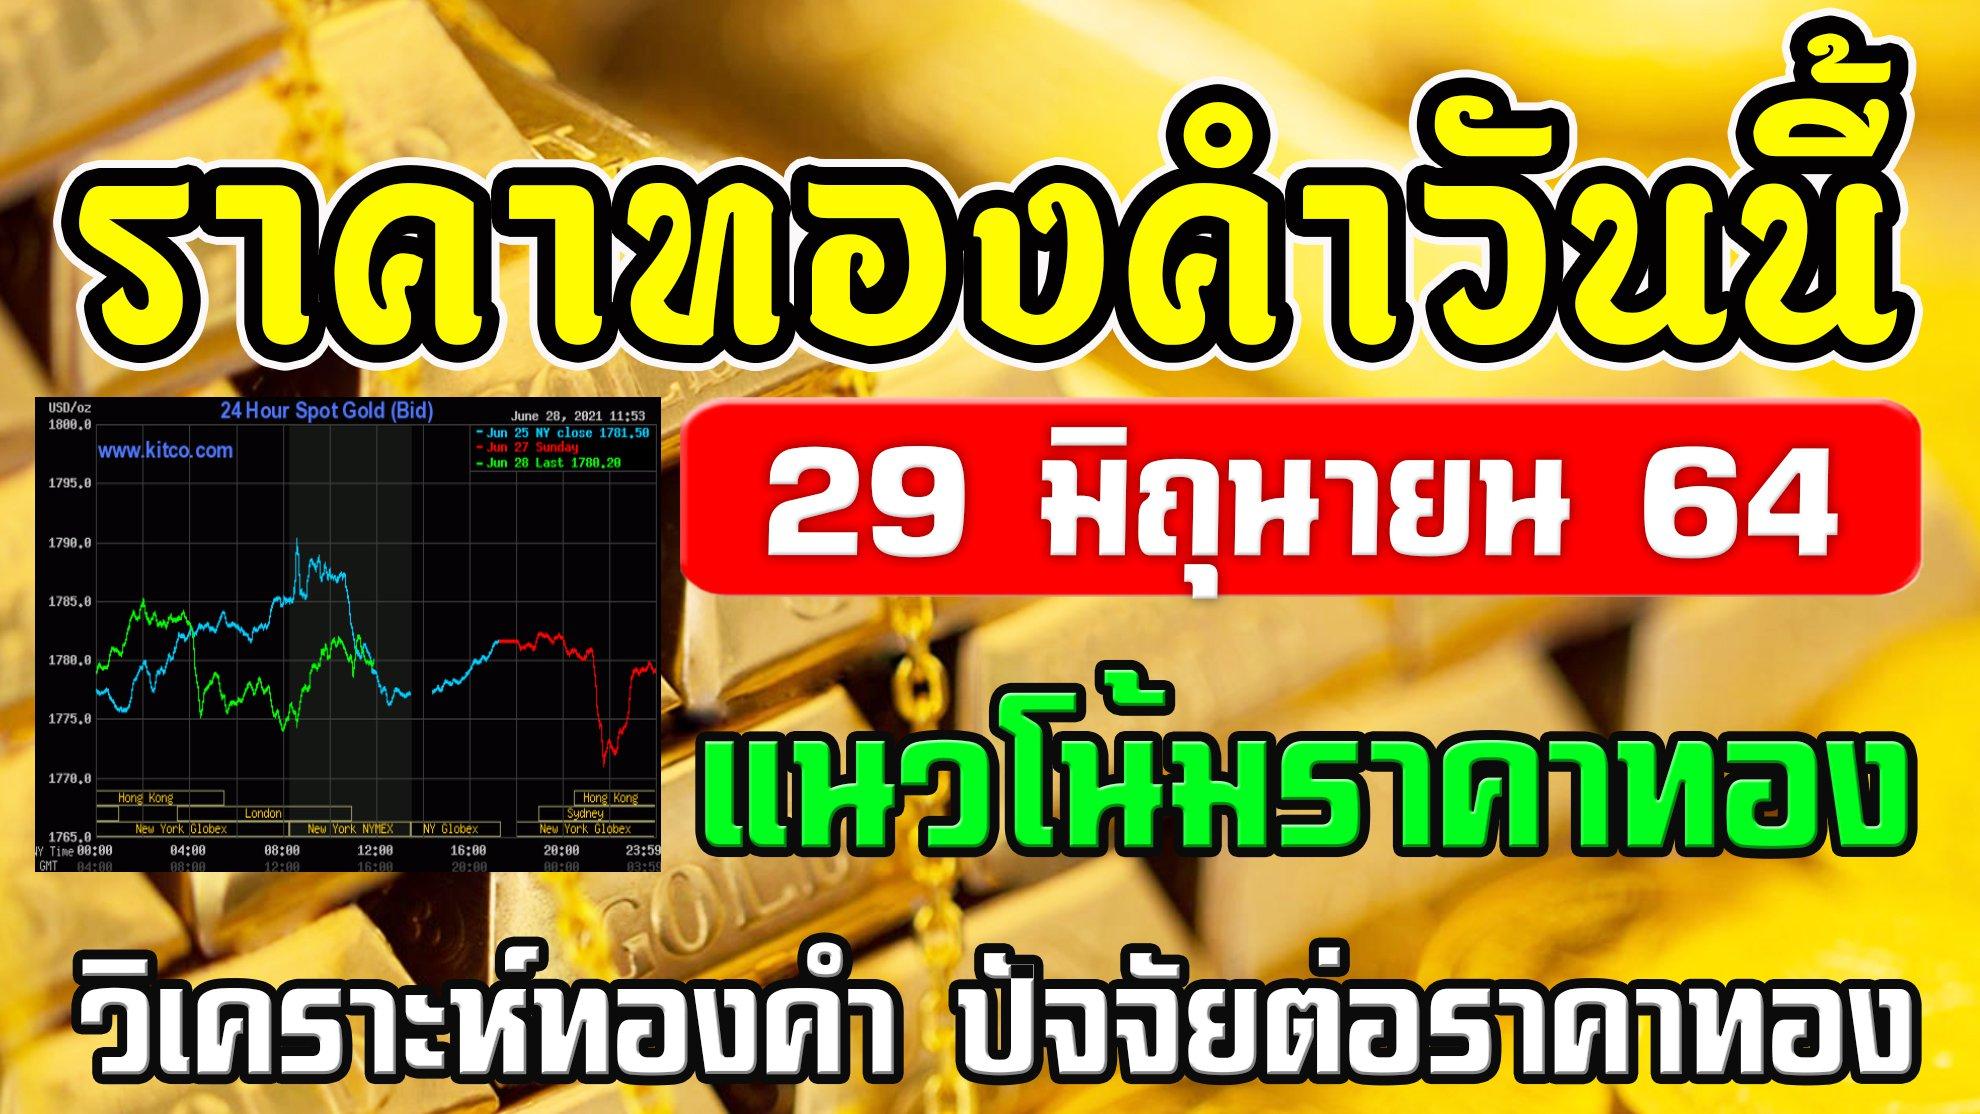 ราคาทองวันนี้ 29 มิ.ย. 64 แนวโน้มราคาทอง ราคาทองคำวันนี้ วิเคราะห์ทองคำ ปัจจัยราคาทอง ราคาทอง